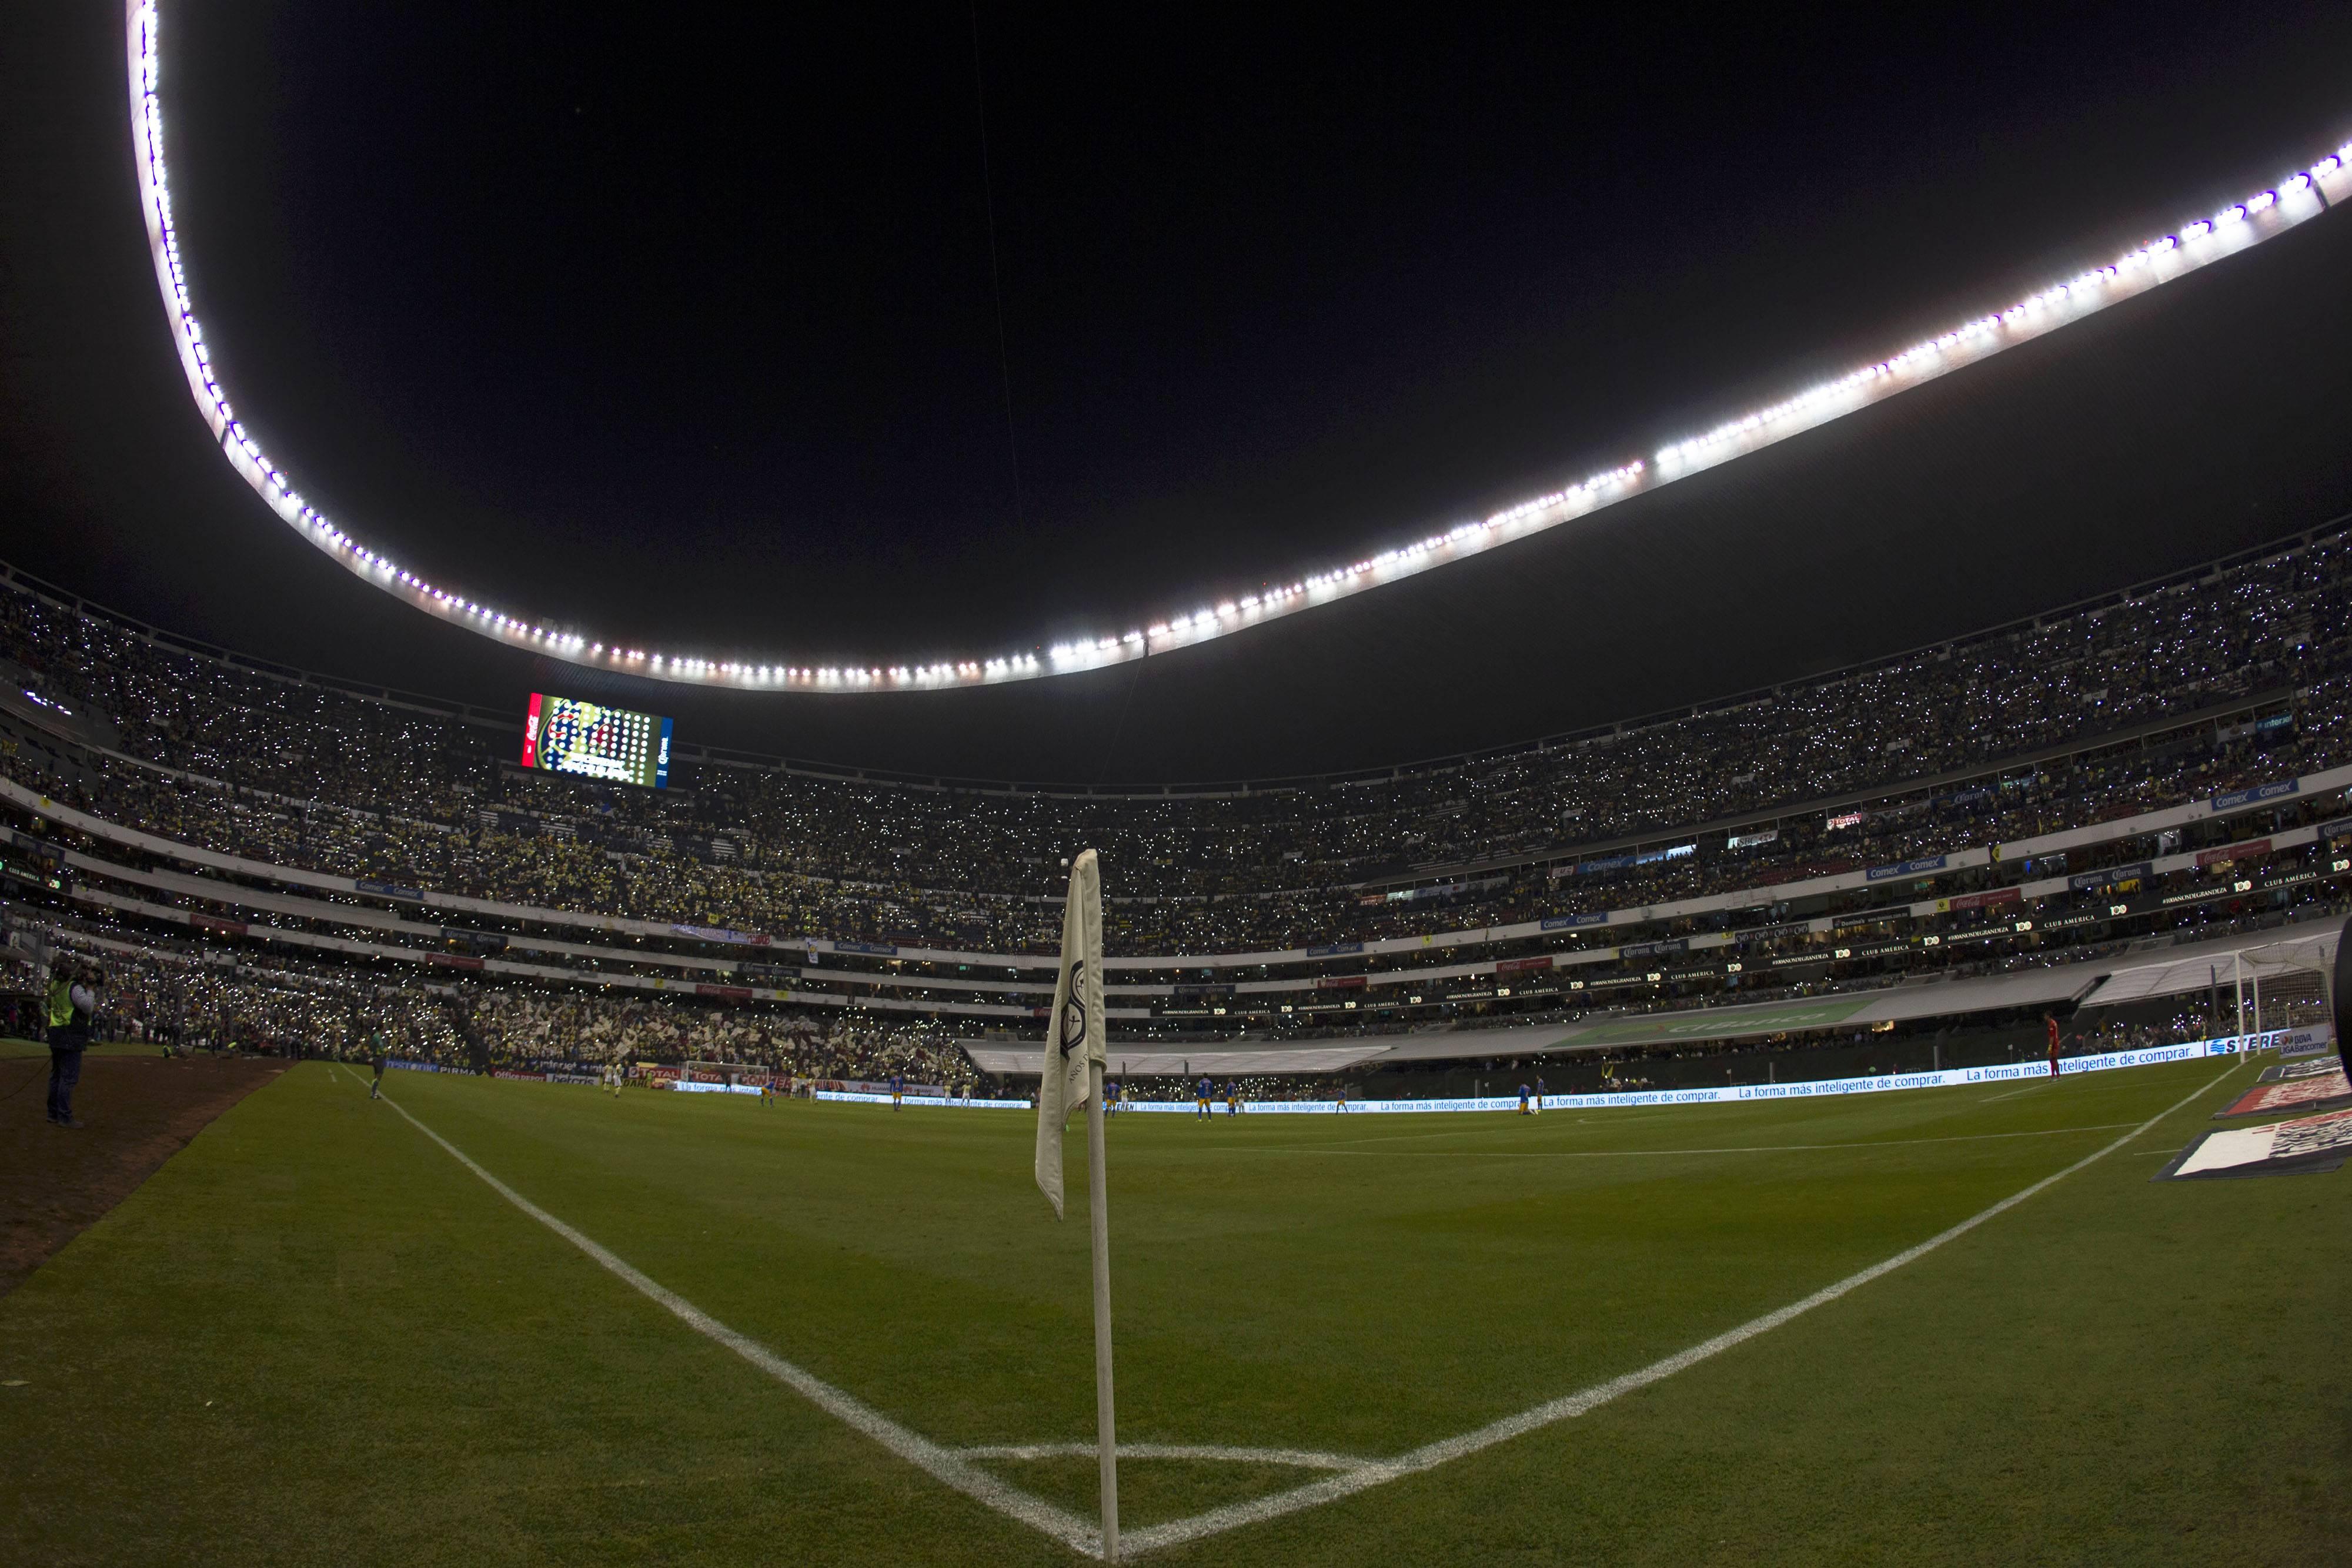 El Estadio Azteca ya fue mundialista en el 1970 y en 1986|MEXSPORT